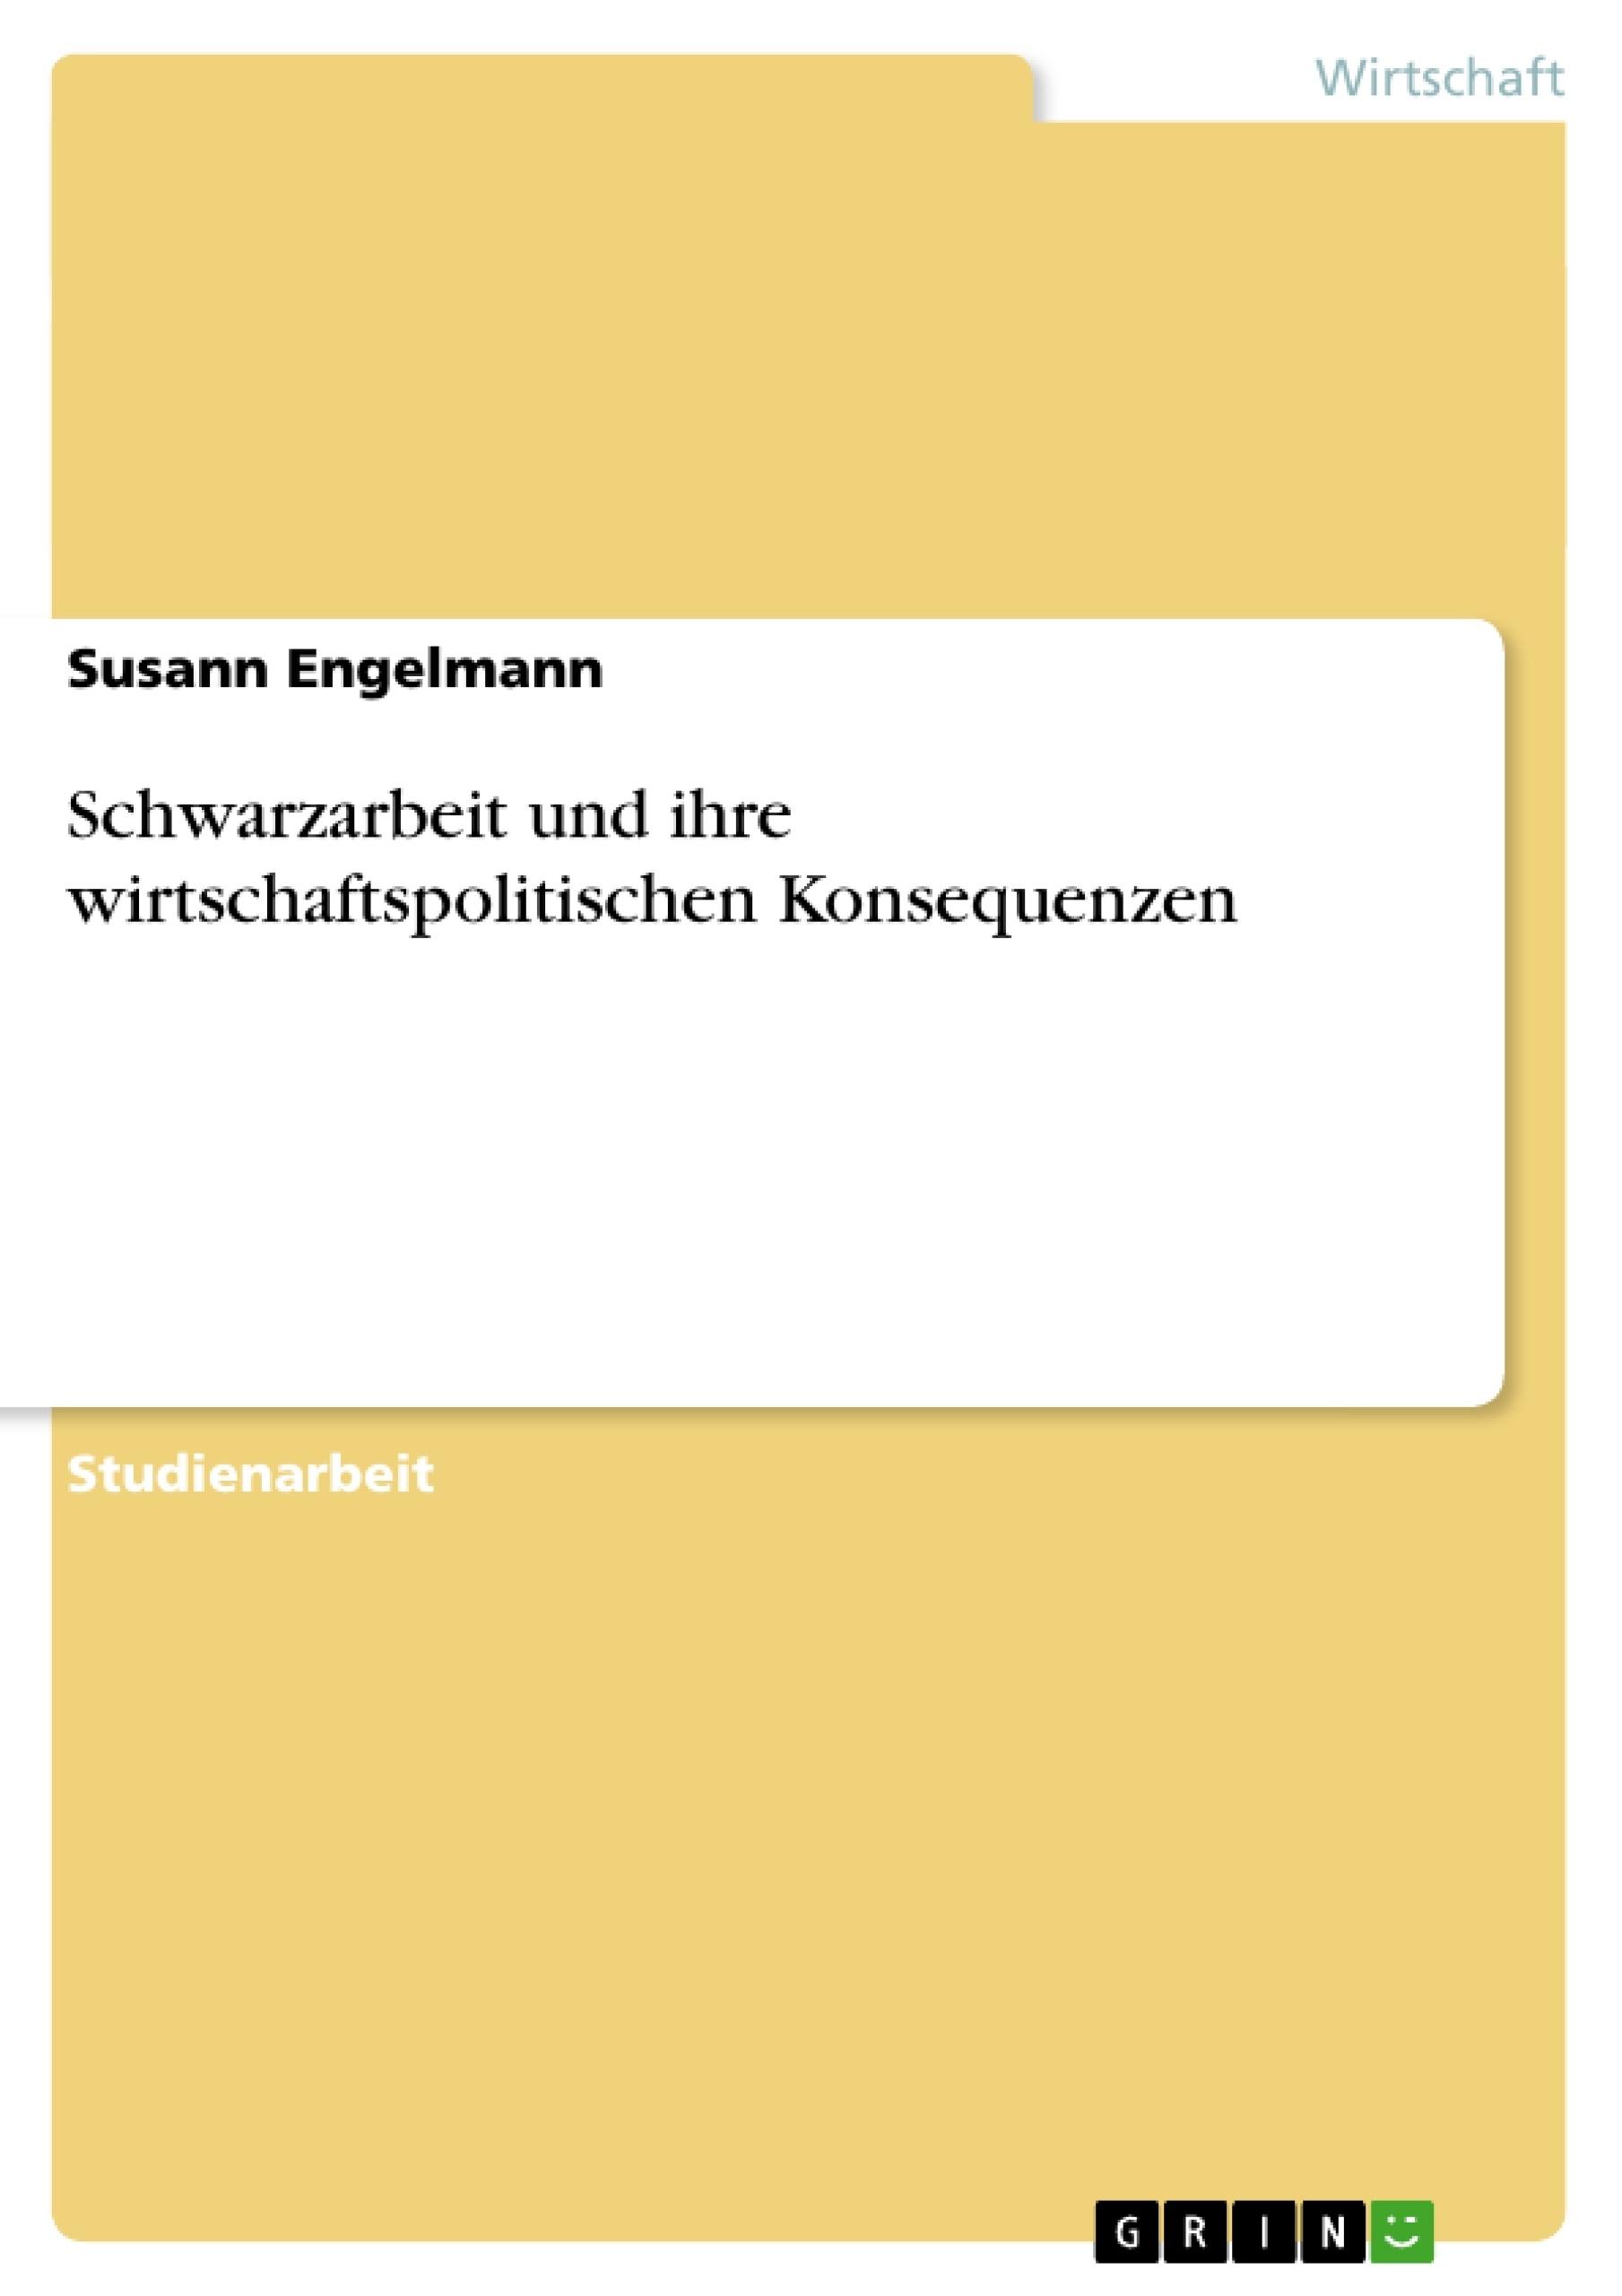 Titel: Schwarzarbeit und ihre wirtschaftspolitischen Konsequenzen